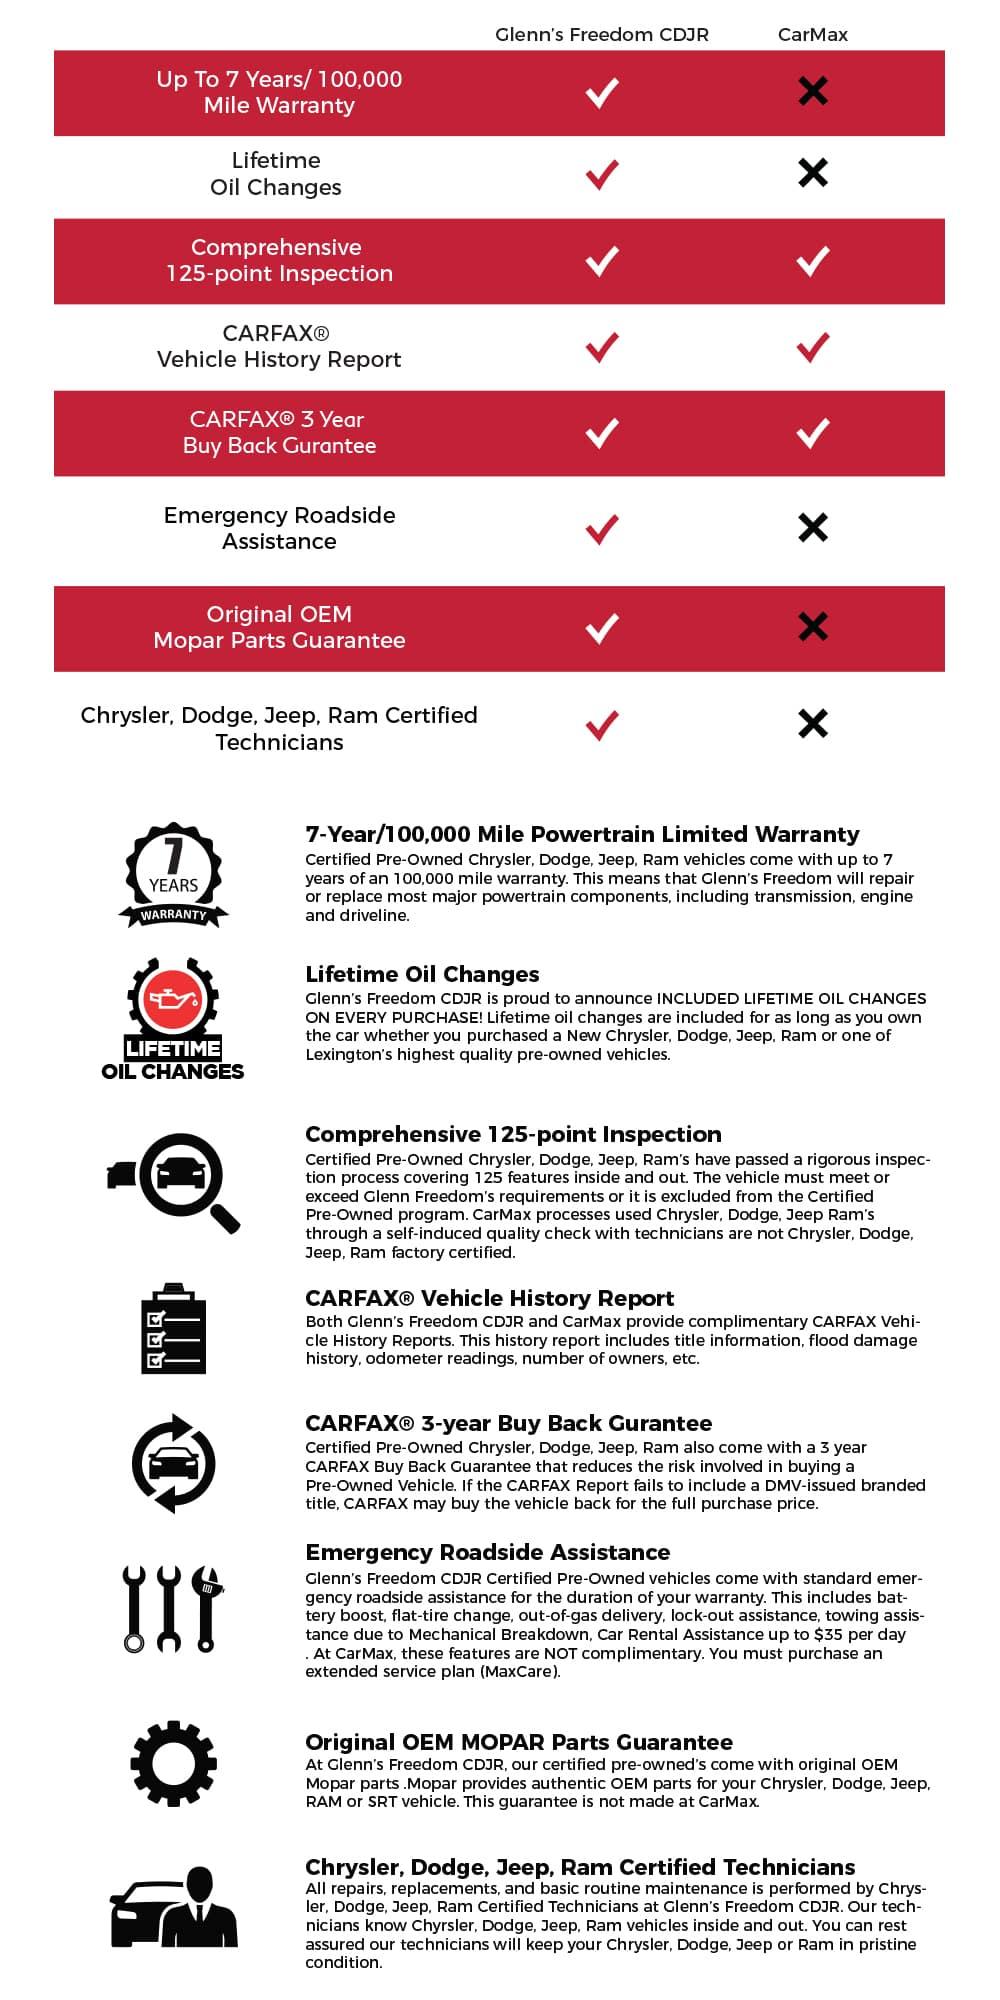 Carmax Finance Calculator : carmax, finance, calculator, Glenn, Freedom, CarMax, Glenn's, Chrysler, Dodge